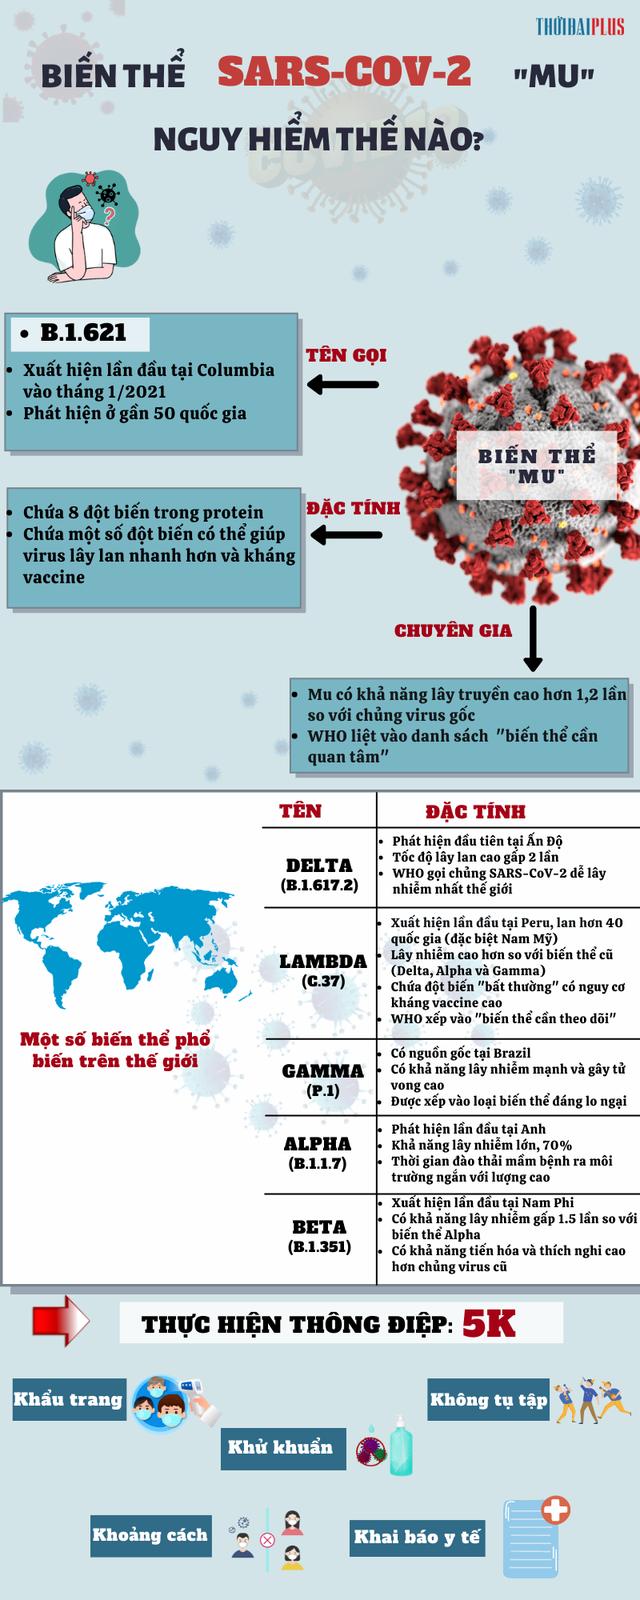 [Infographic] - Biến thể SARS-CoV-2 MU nguy hiểm thế nào? - Ảnh 1.